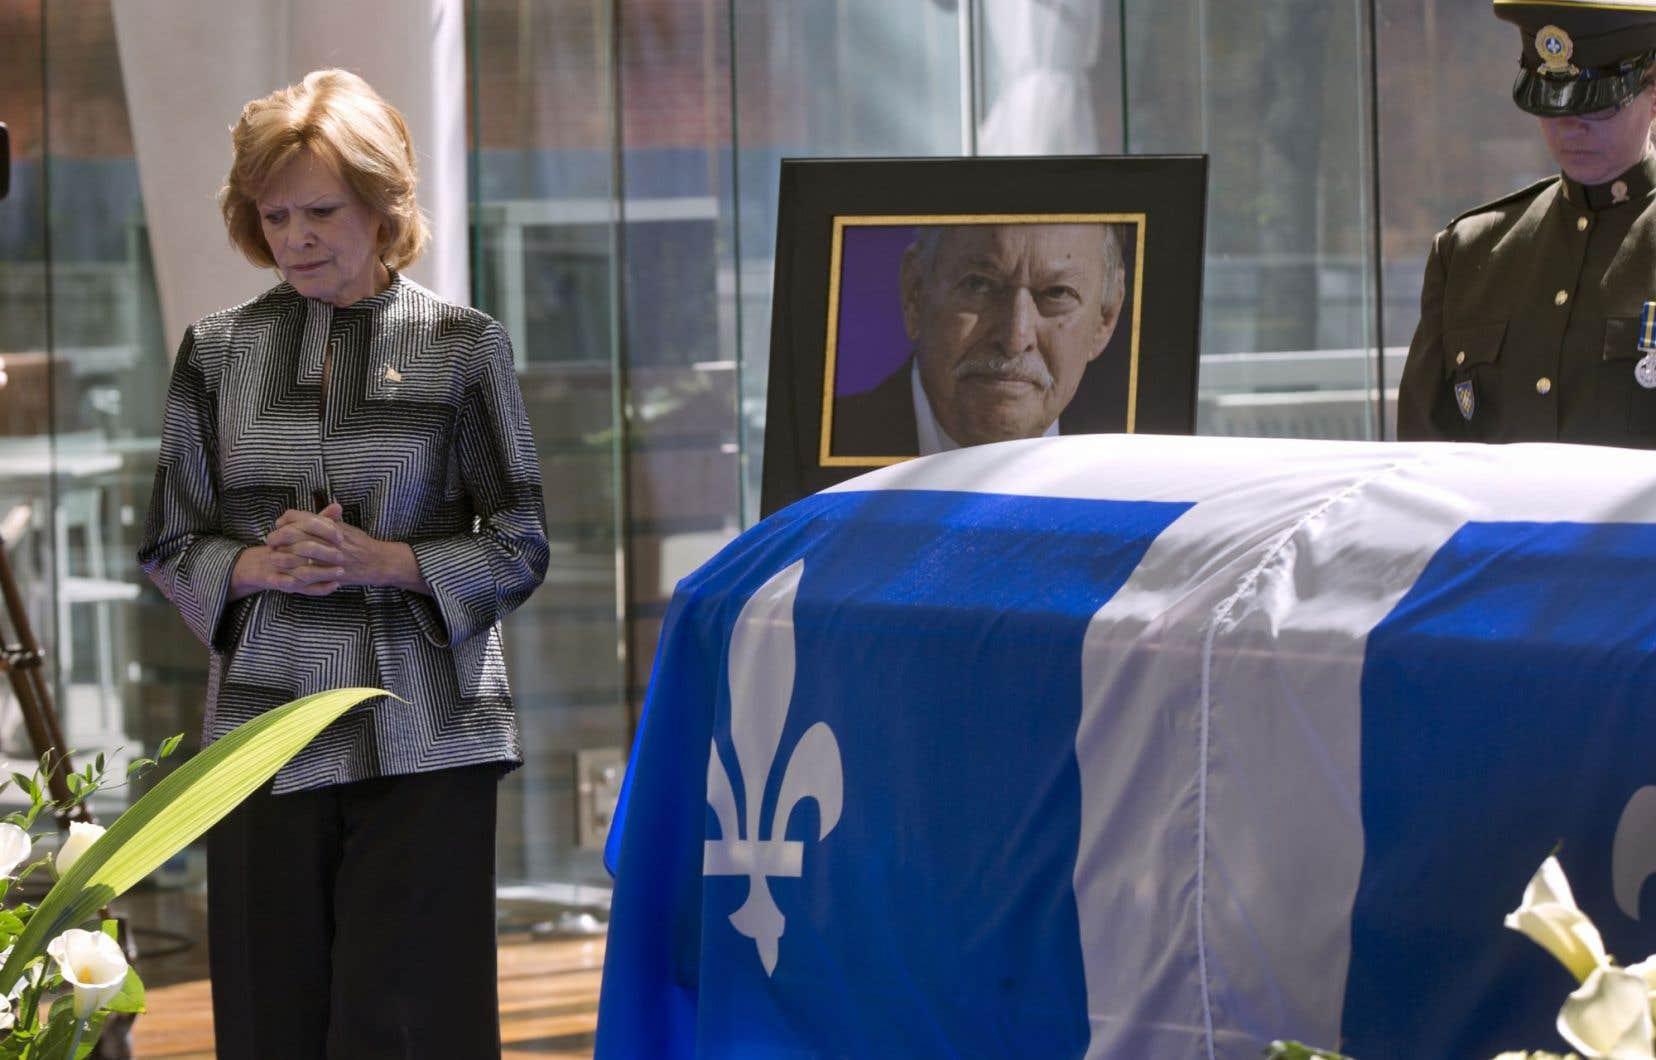 Ils ont afflué toute la matinée pour se recueillir auprès de celui qu'on surnommait « Monsieur » et offrir leurs condoléances à sa famille et son épouse Lisette Lapointe.